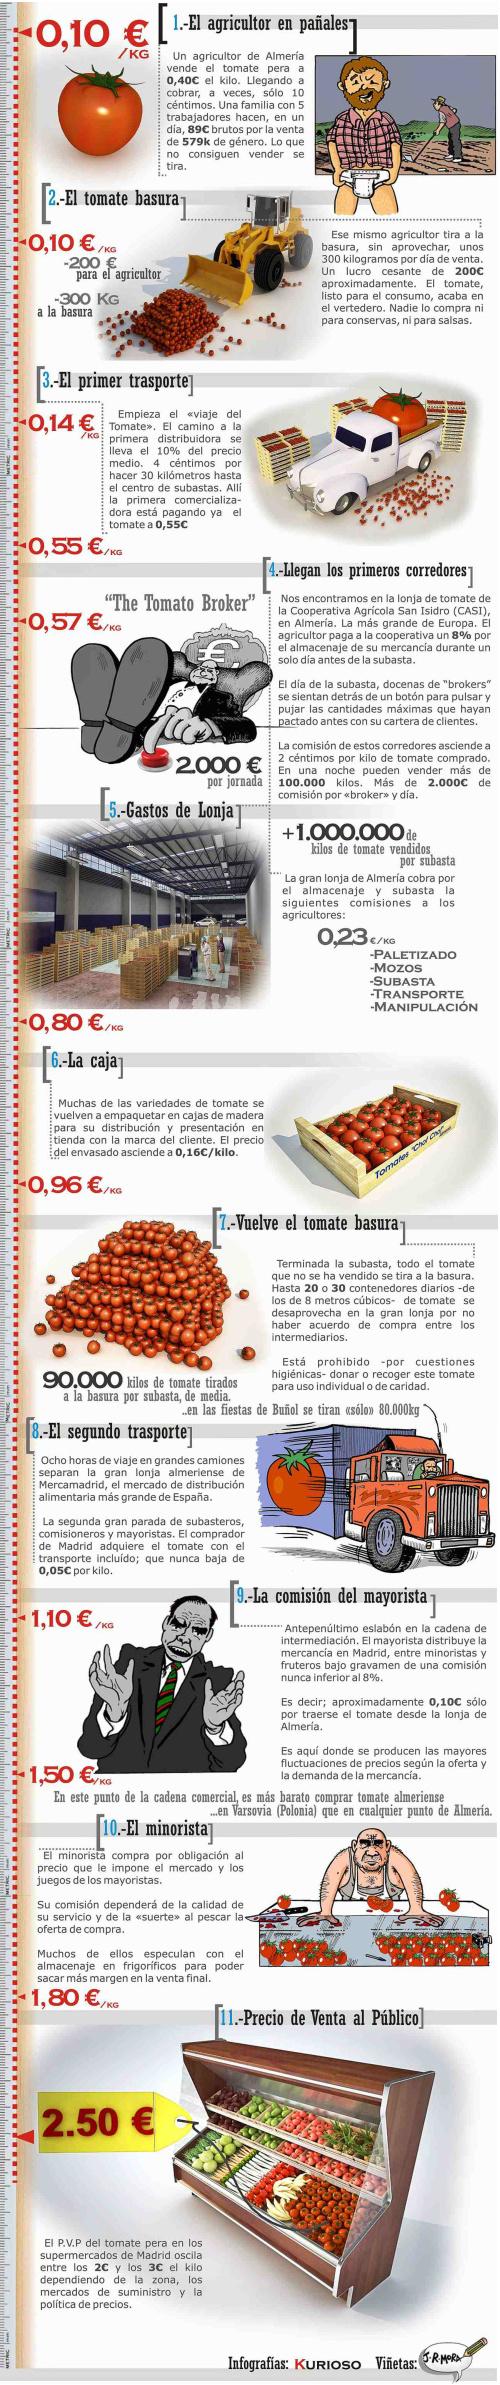 tomate - Los tomates del campo a la mesa: un viaje demasiado caro